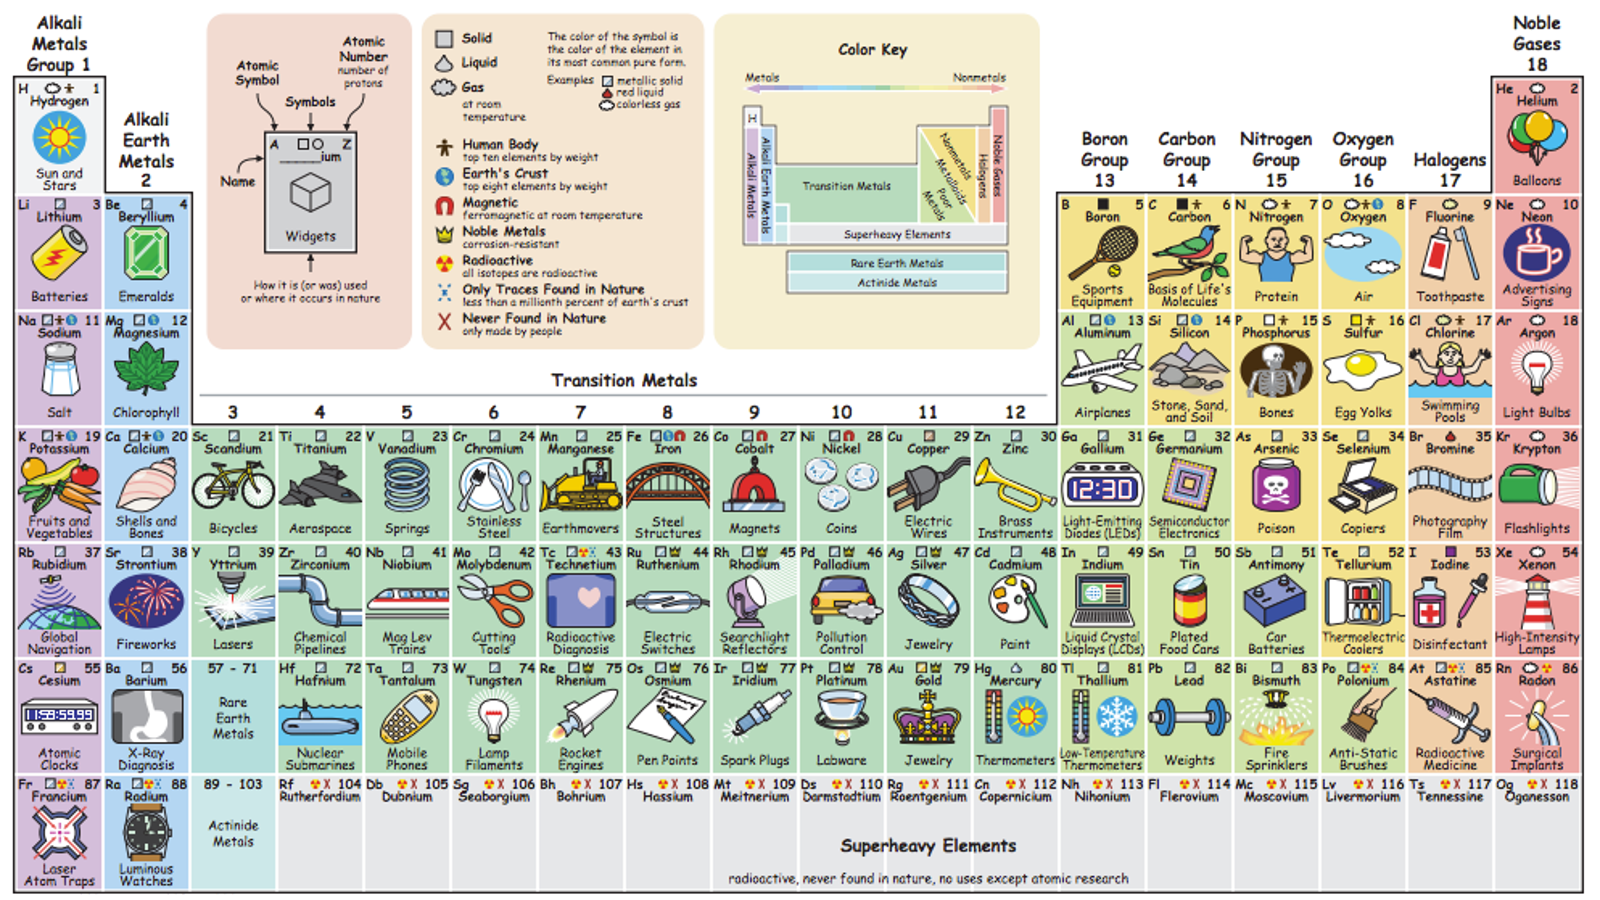 Descubre para qu usamos cada elemento qumico con esta tabla descubre para qu usamos cada elemento qumico con esta tabla peridica interactiva urtaz Gallery